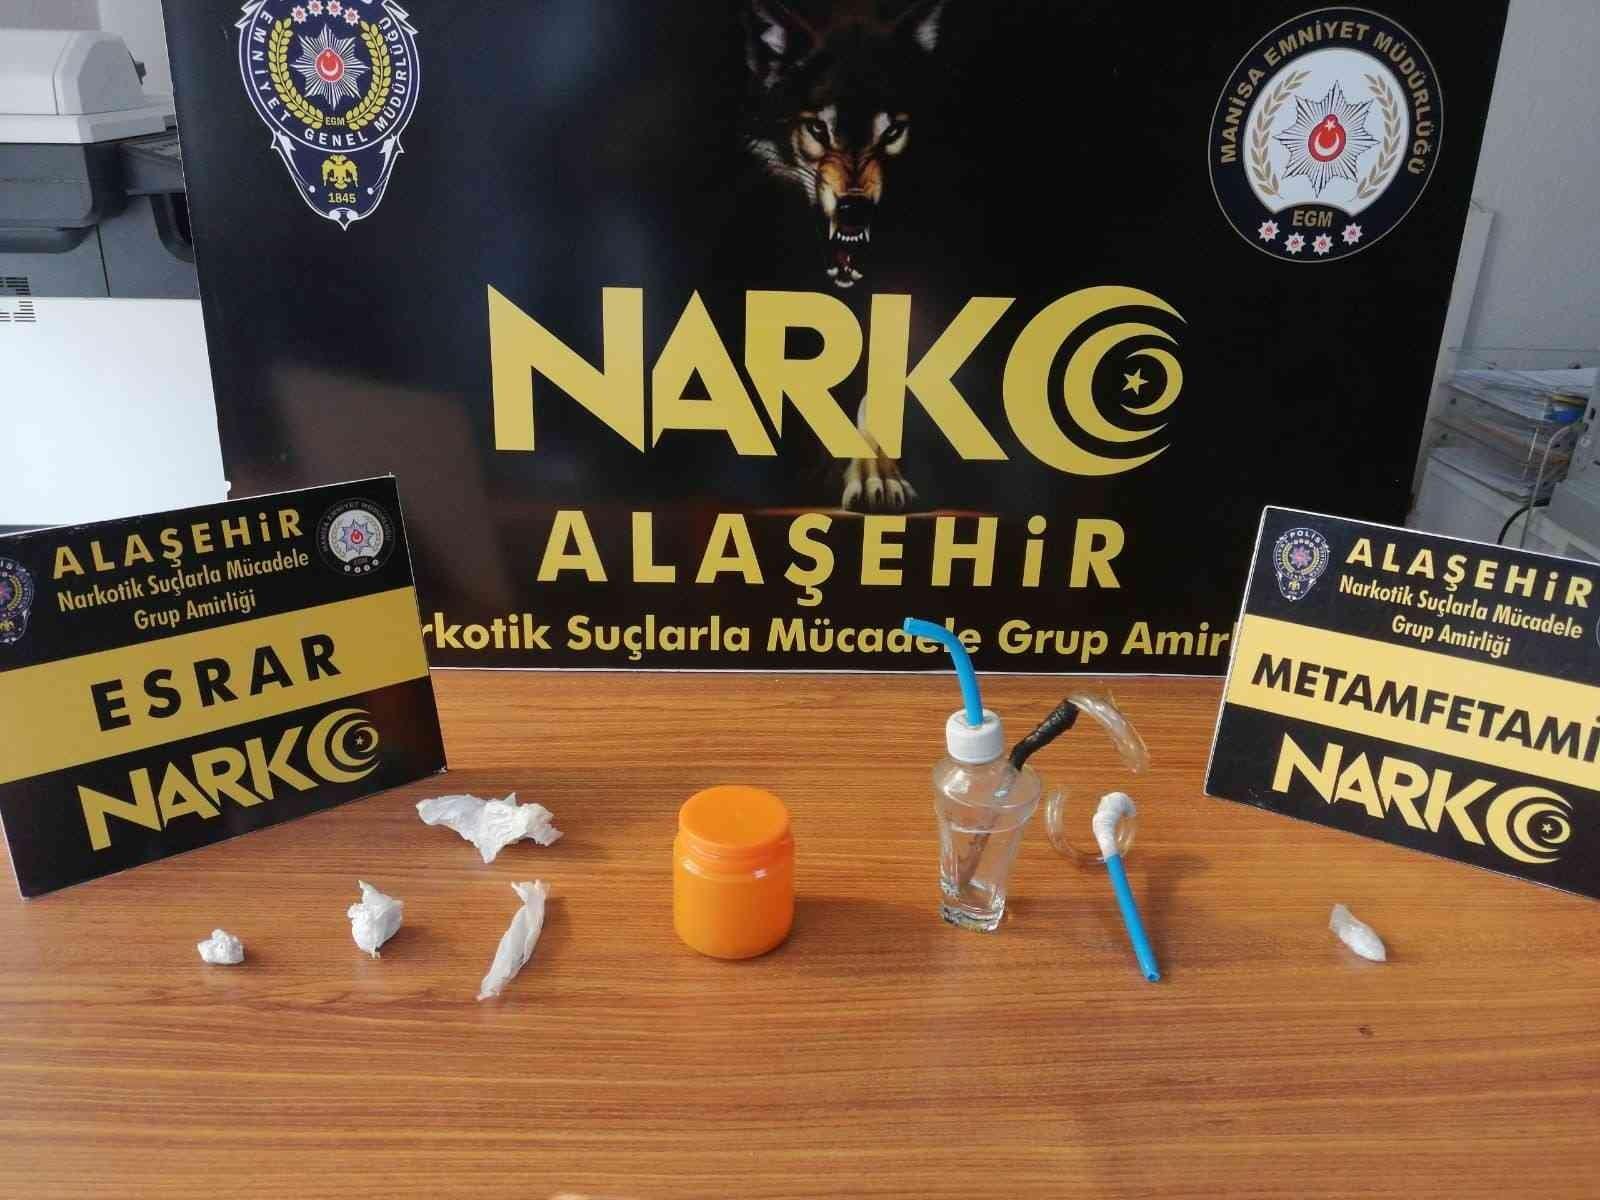 Uyuşturucu operasyonlarında 4 kişi gözaltına alındı